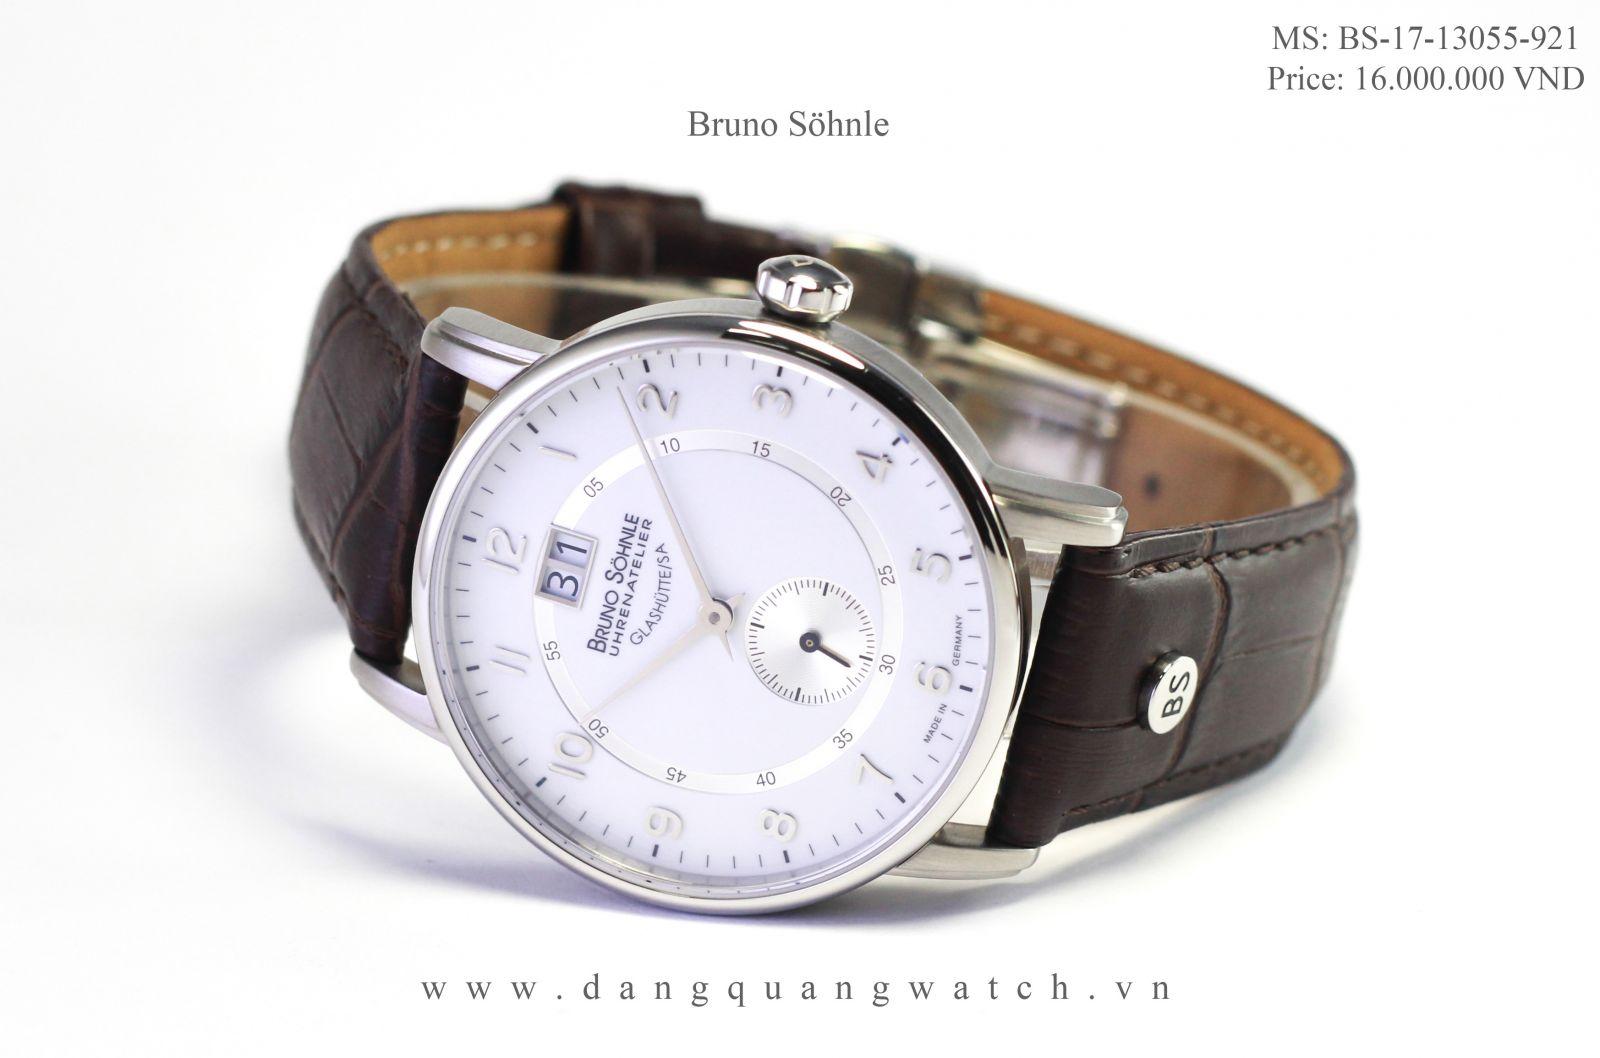 Đồng hồ Bruno Sohnle Glashutte đạt tiêu chuẩn cao nhất ở Châu Âu với chứng  nhận Glashutte/SA trên đồng hồ là chứng nhận cao nhất cho ngành đồng hồ.